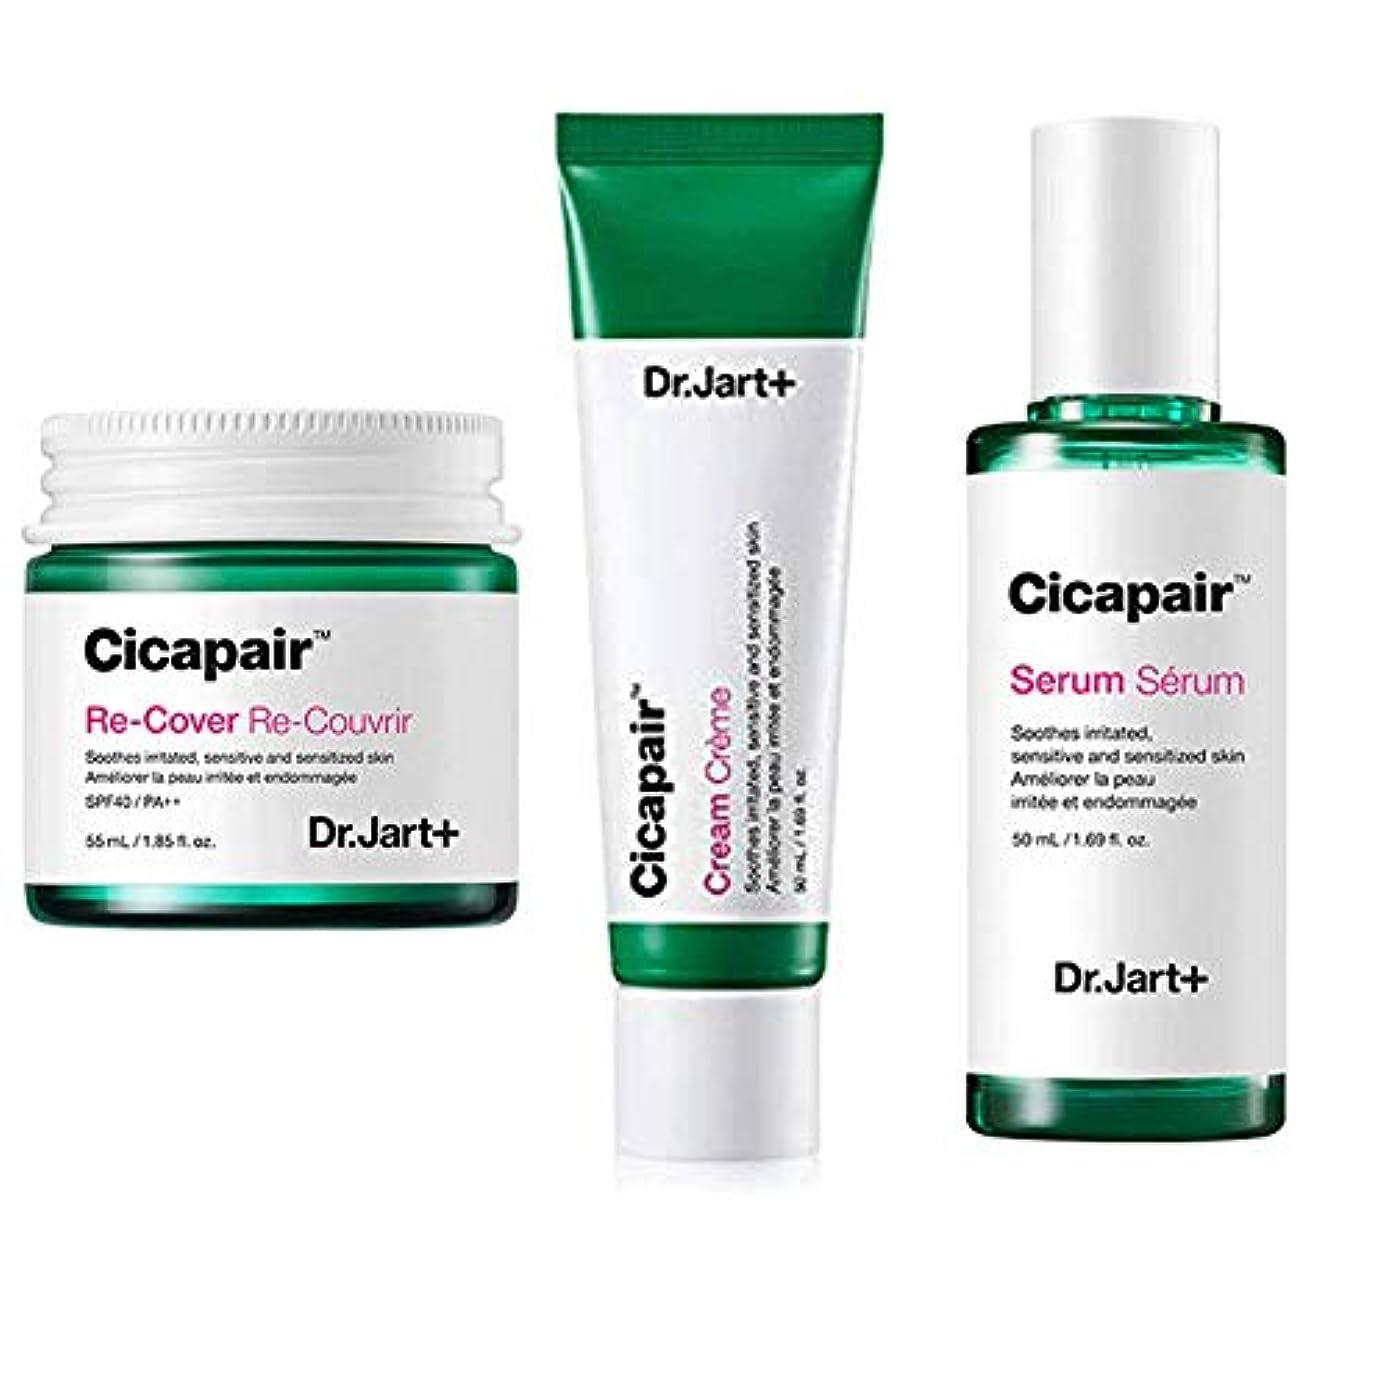 ラブピューやりすぎDr.Jart+ Cicapair Cream + ReCover + Serum ドクタージャルトシカペアクリーム50ml + リカバー 55ml + セラム 50ml(2代目) セット [並行輸入品]